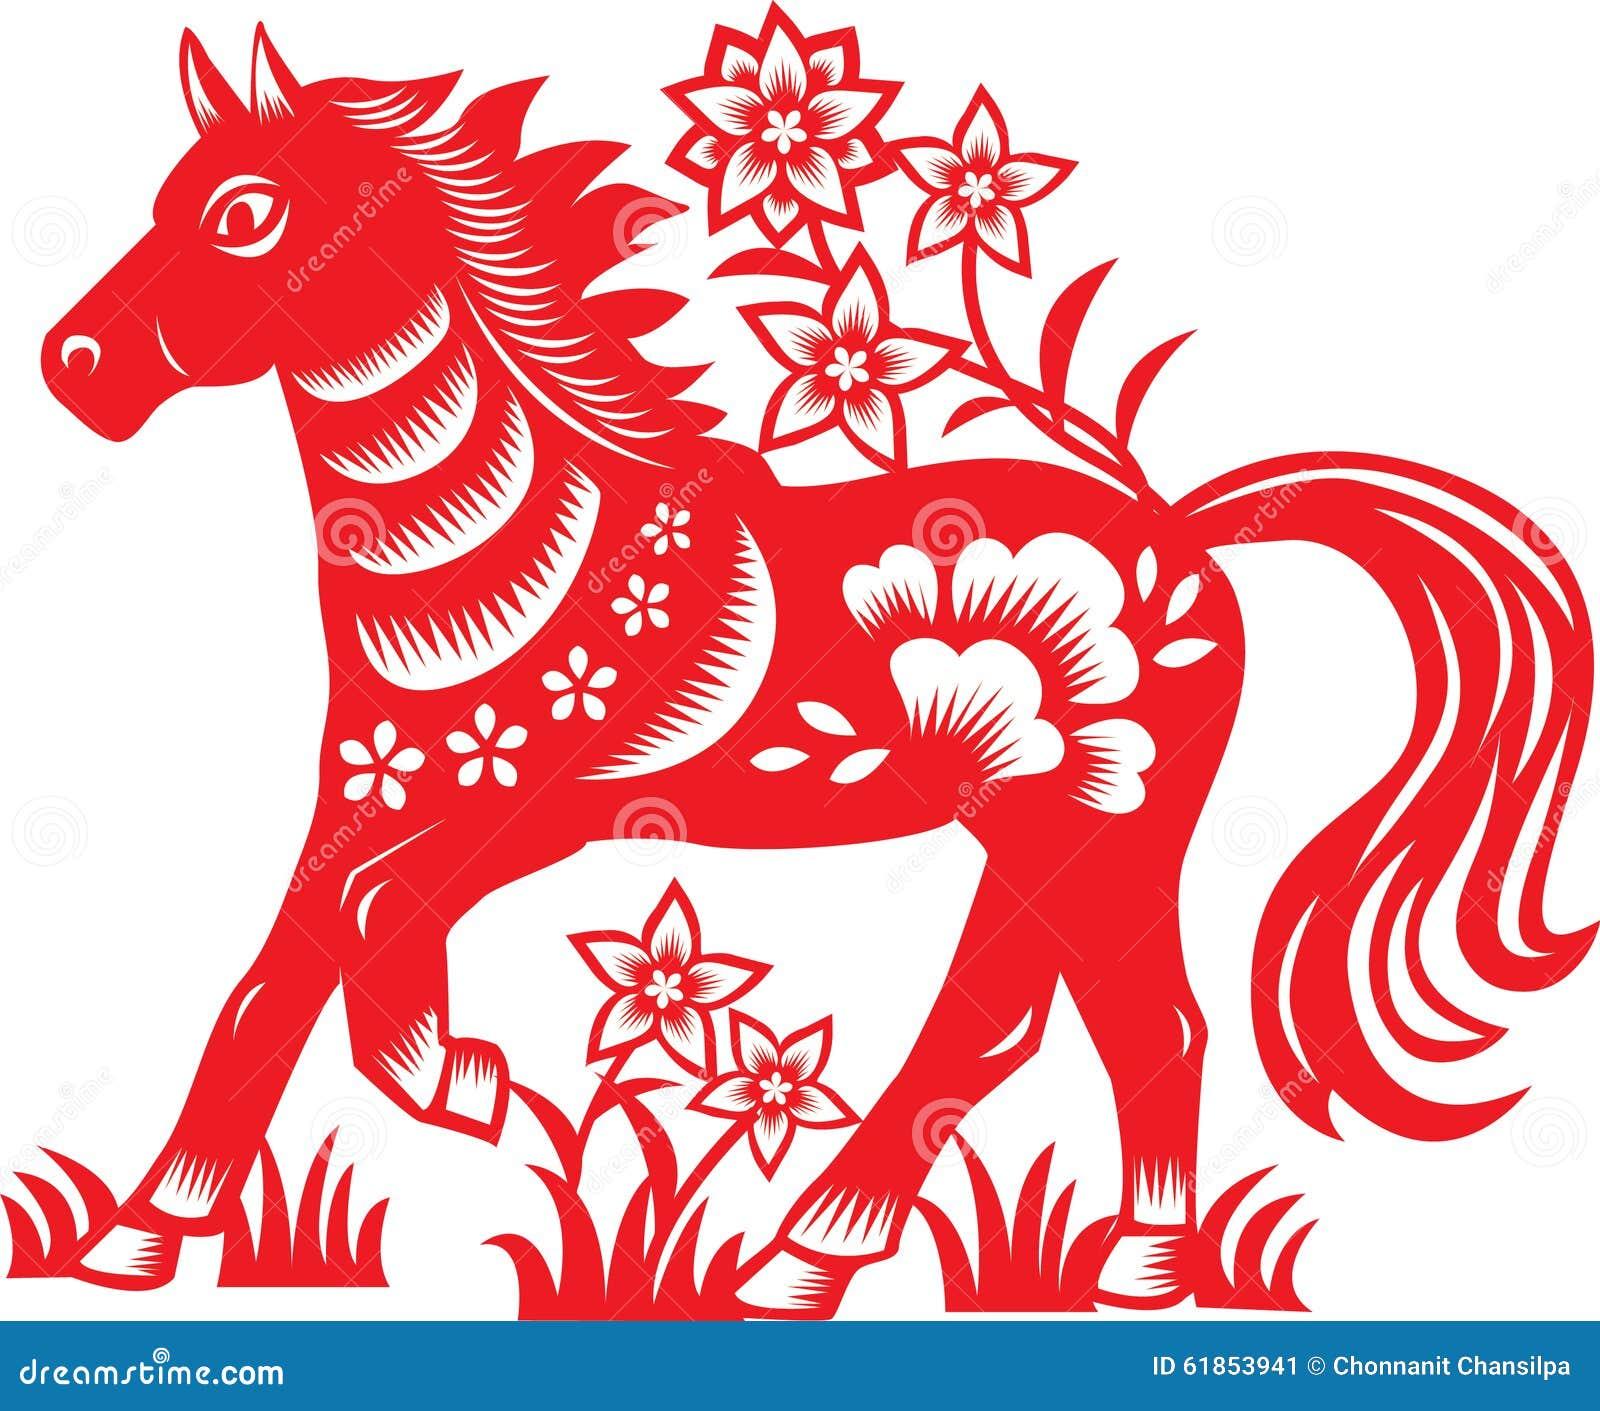 2014 Chinese Horoscopes Chinese Astrology Chinese Zodiac